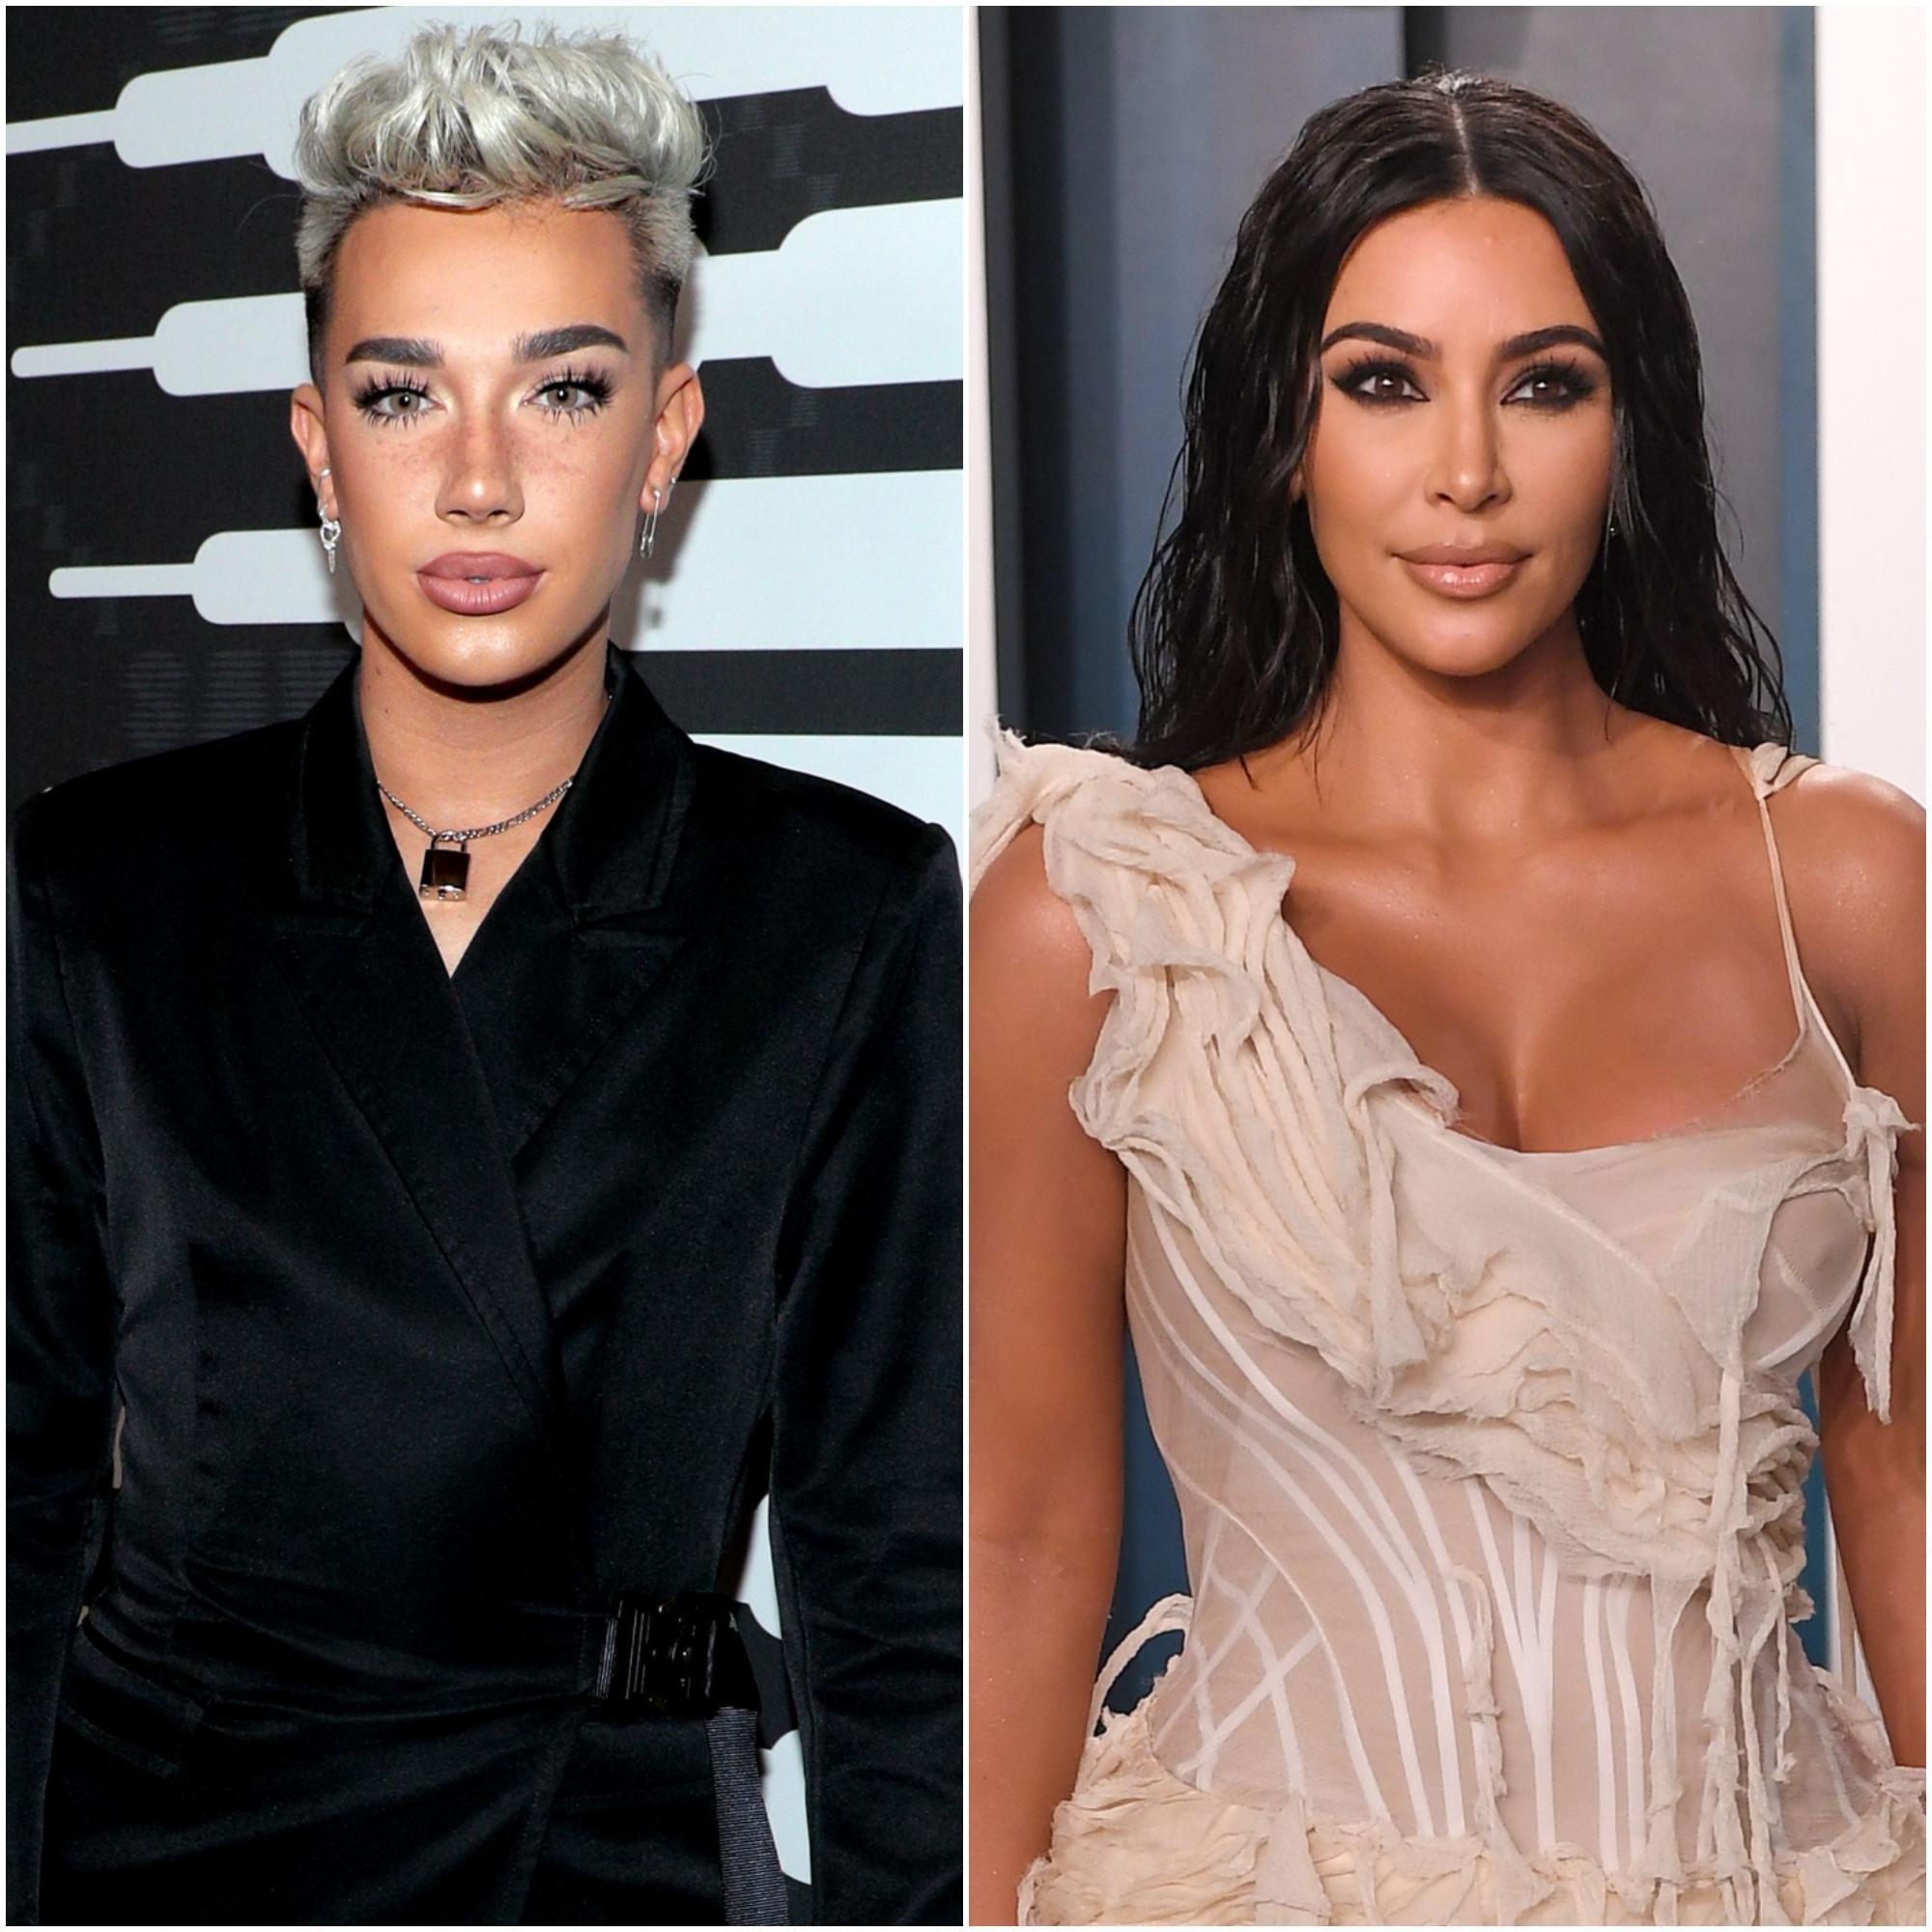 James Charles Teases Kim Kardashian Over Assless Chaps